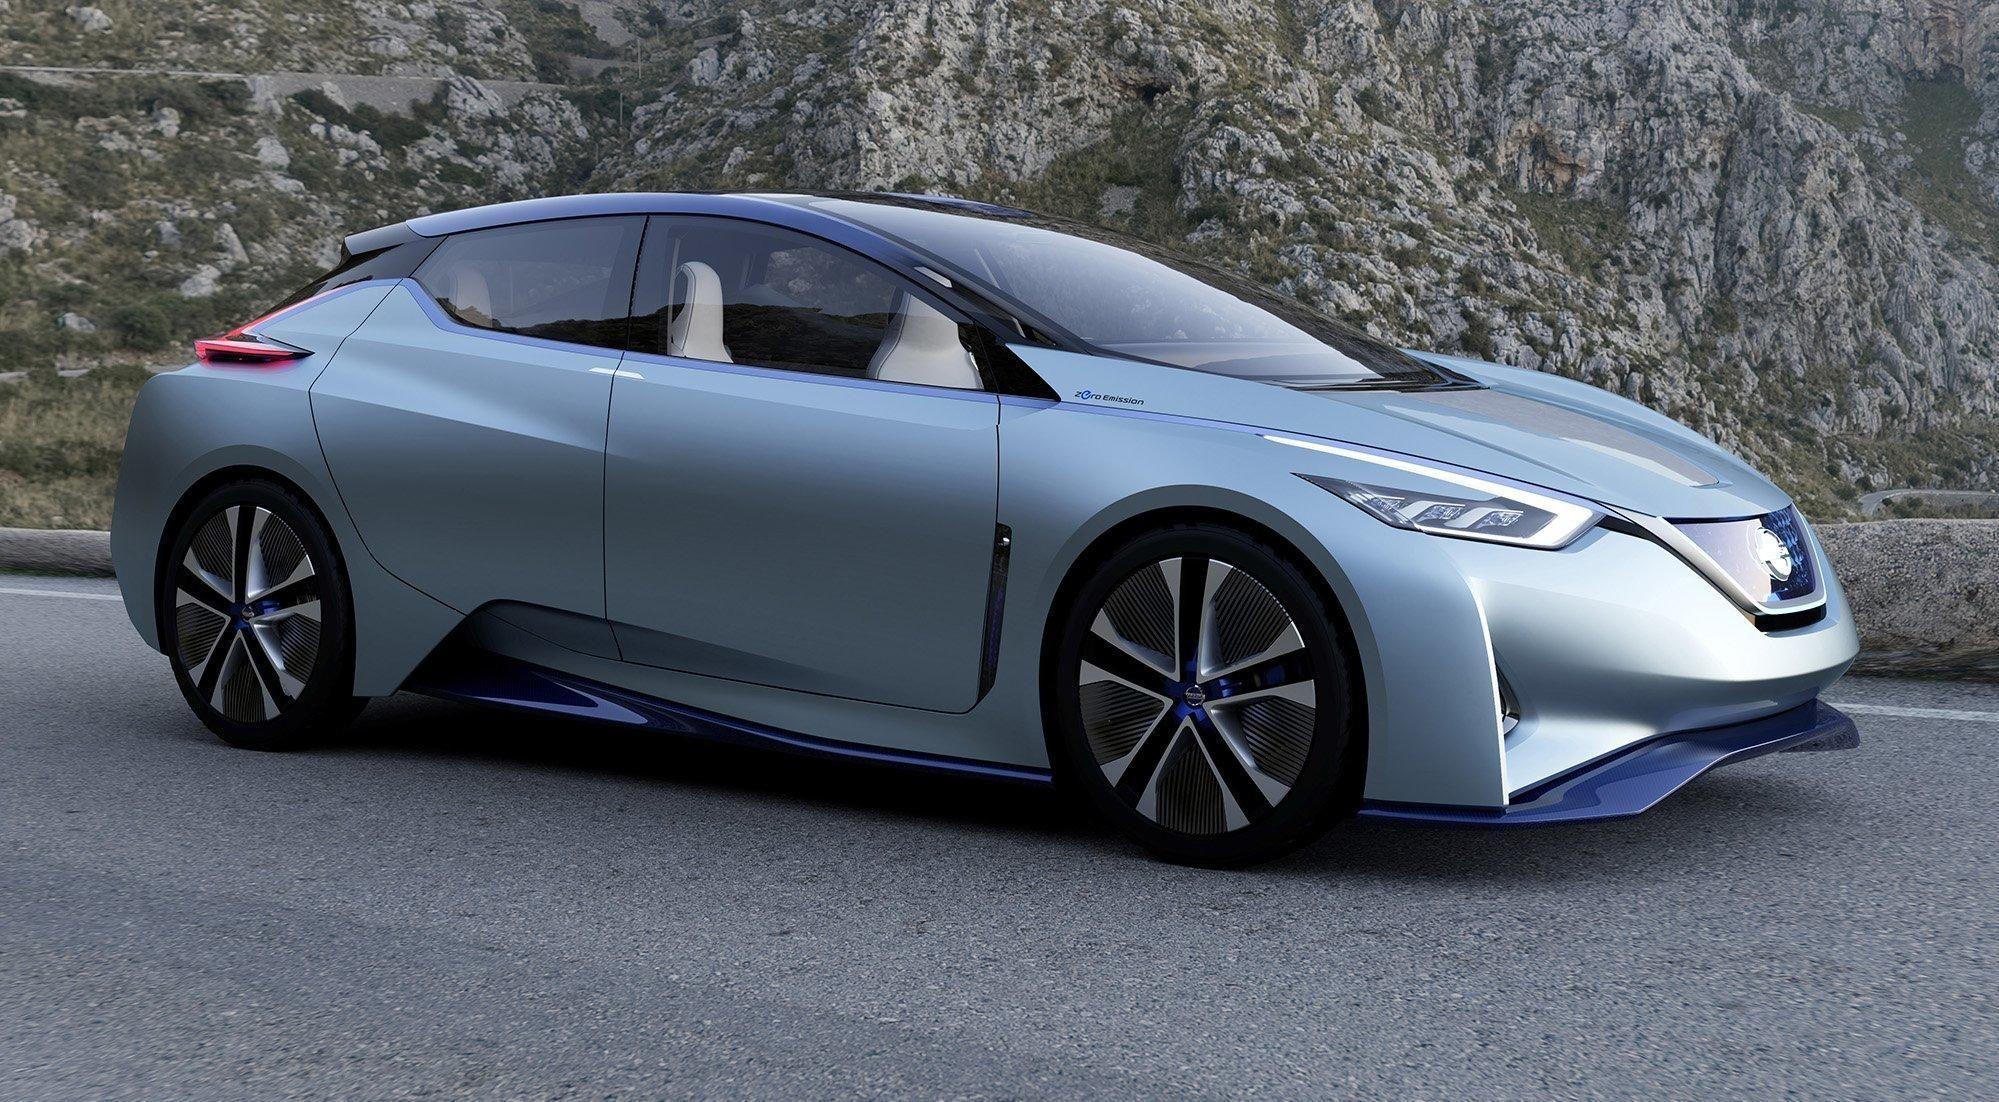 Etter alt å dømme viser konseptbilen Nissan IDS designretningen på nye Nissan Leaf, som slett ikke er langt unna.